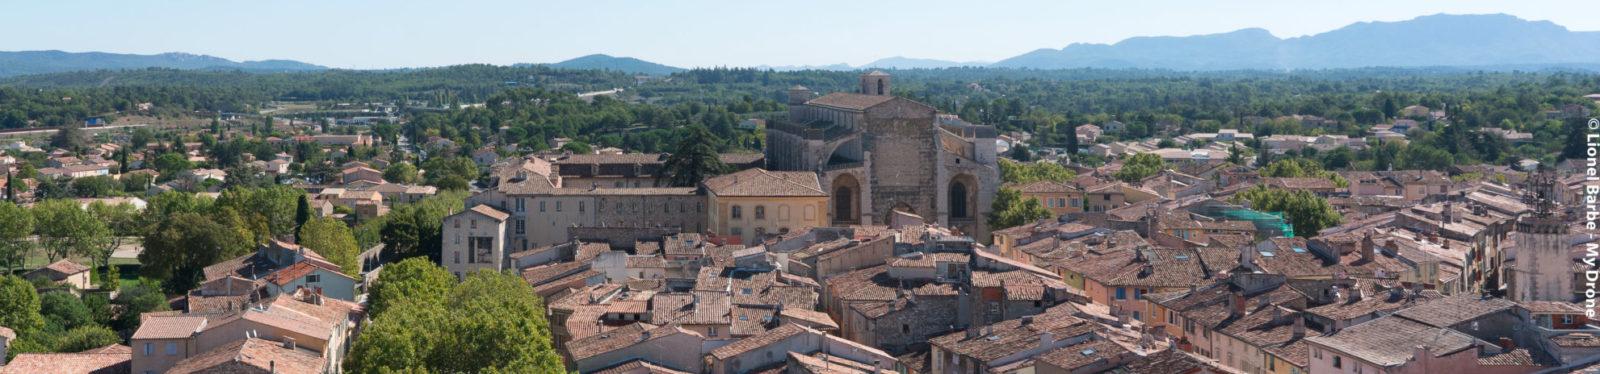 Mairie de Saint Maximin La Sainte Baume